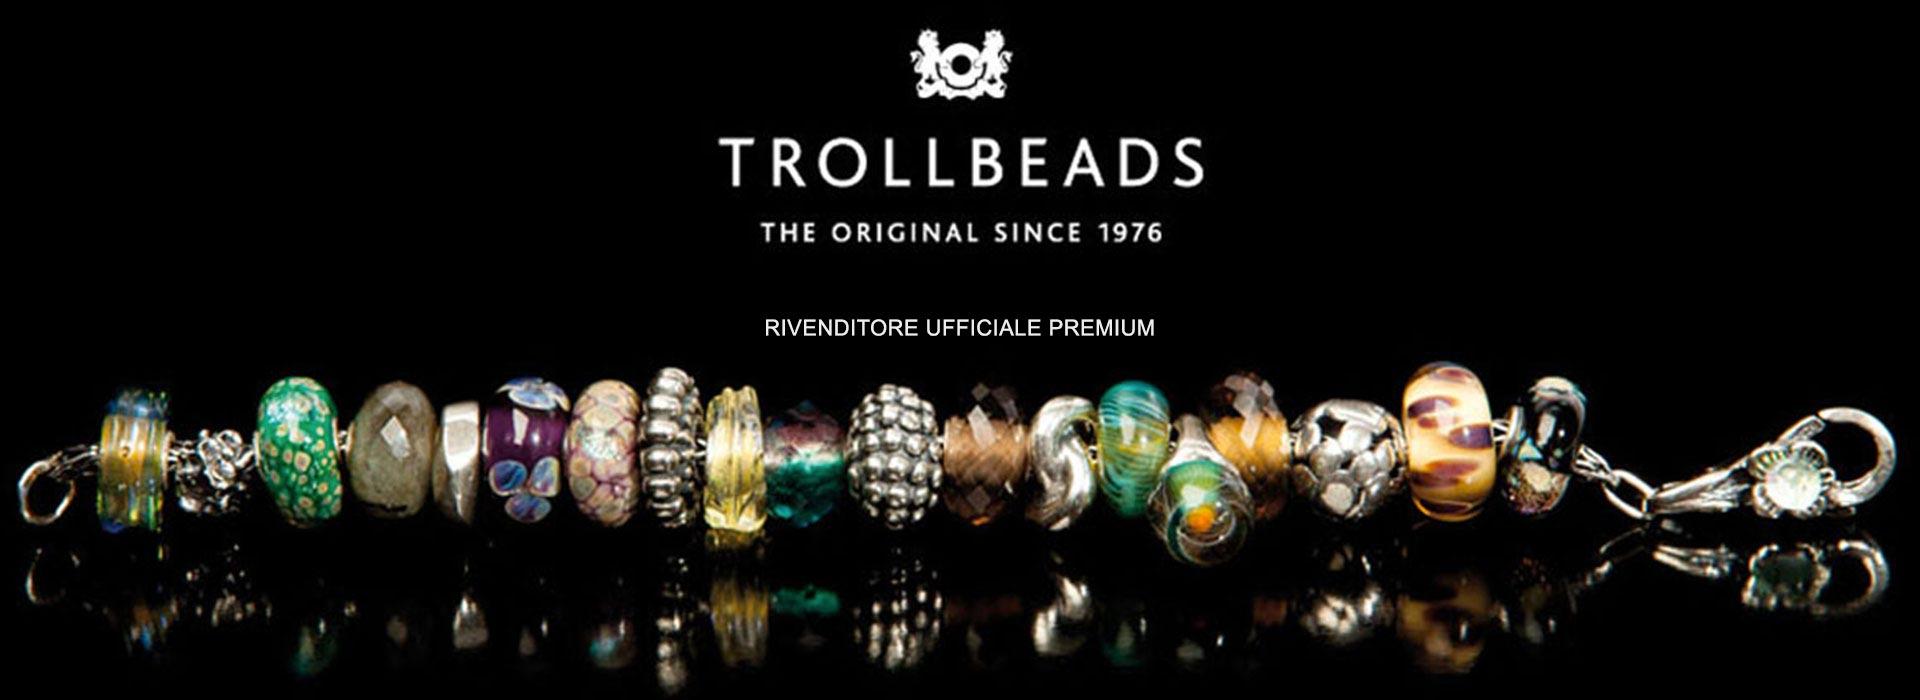 trollbeads-slide-2